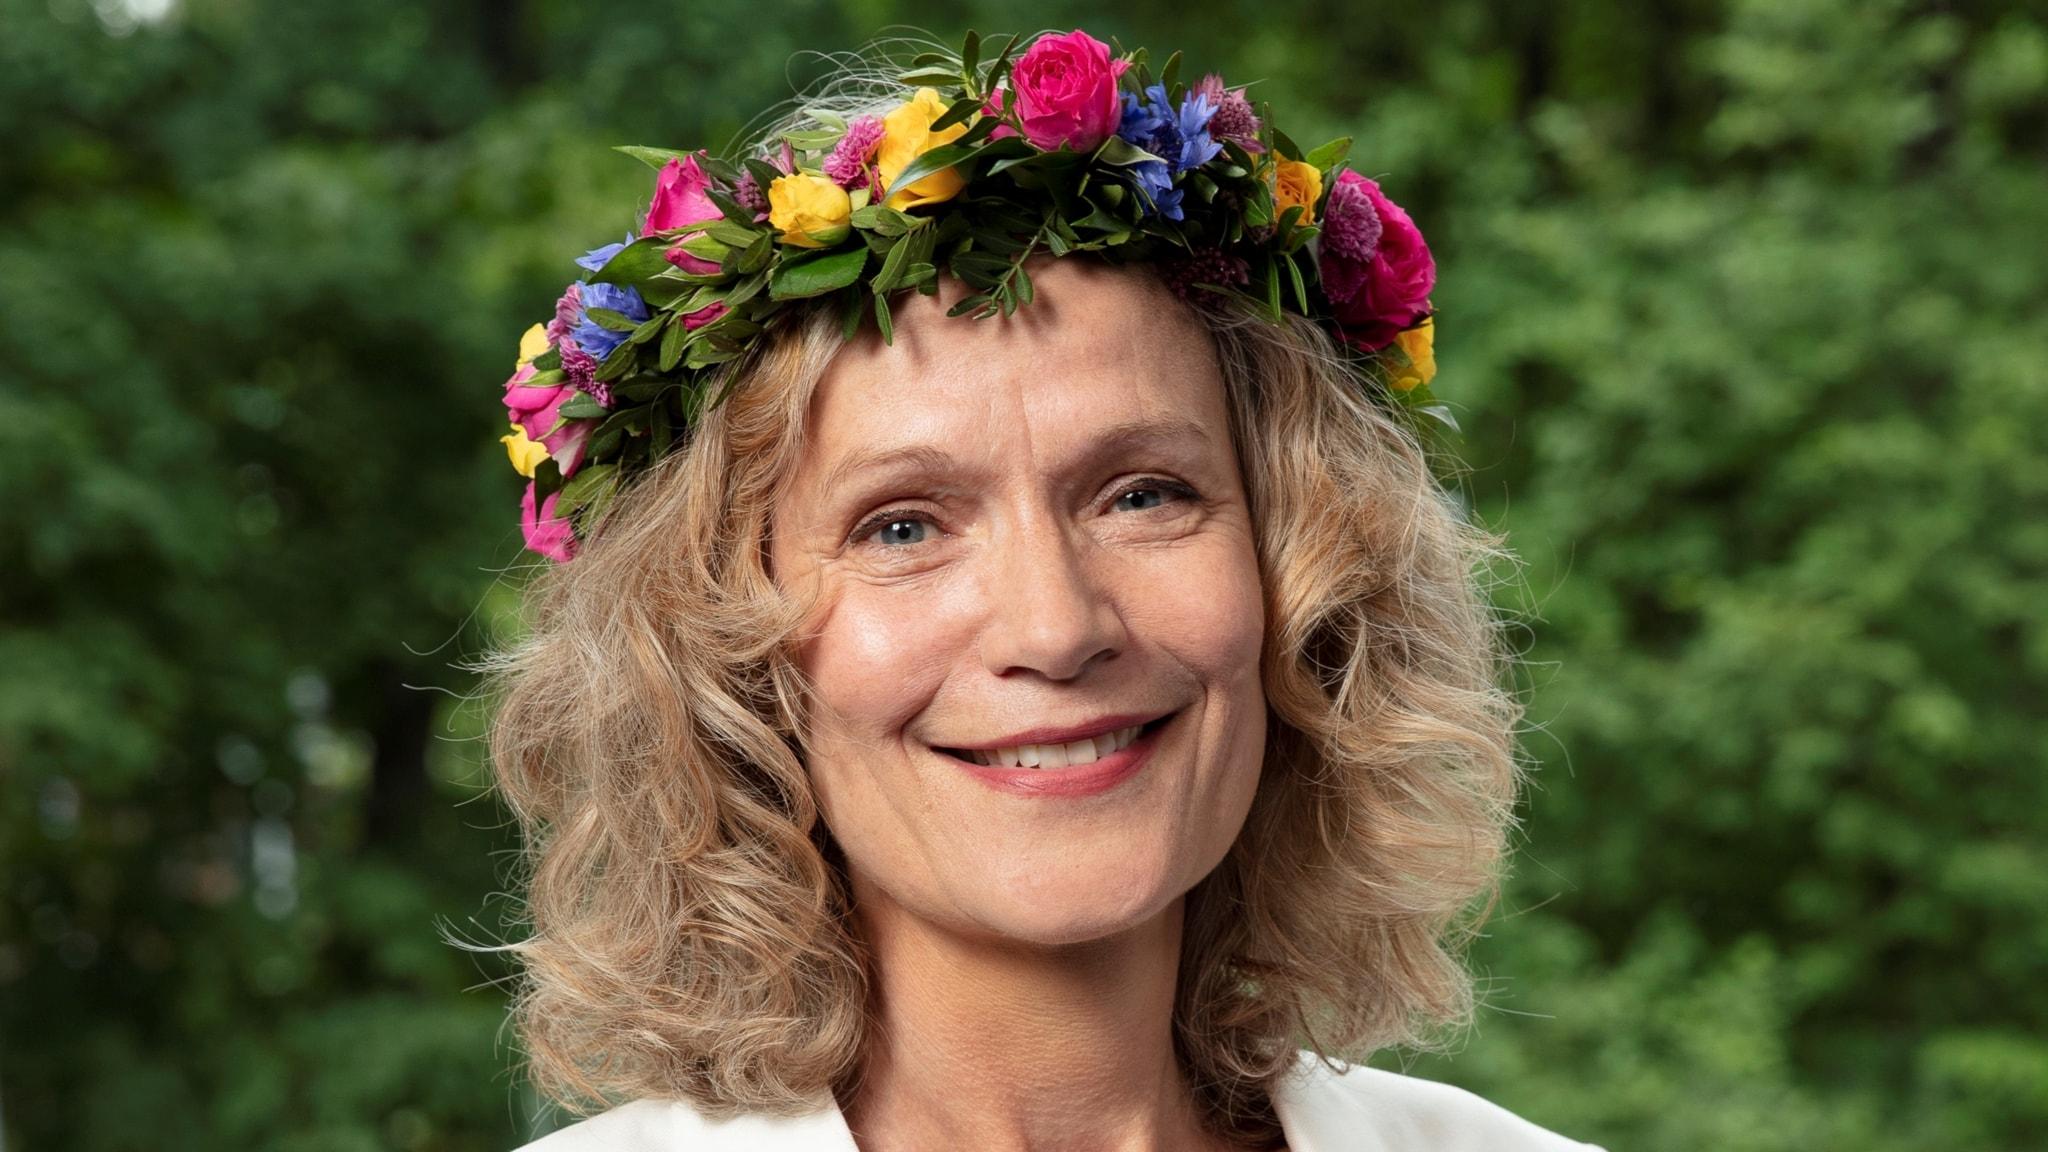 Åsa Wikforss